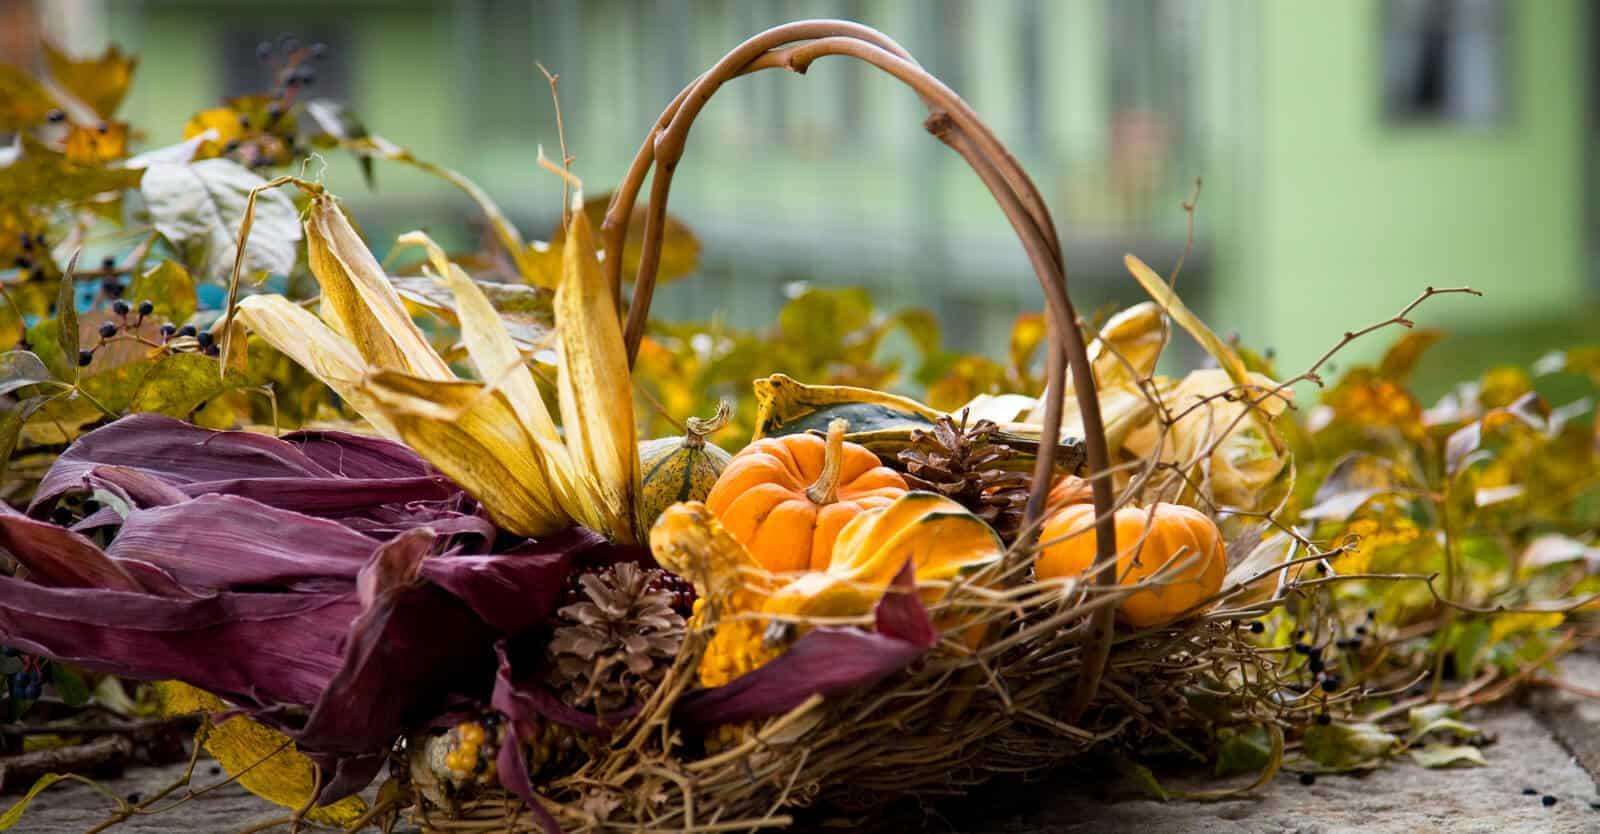 pumpkin-harvest-basket